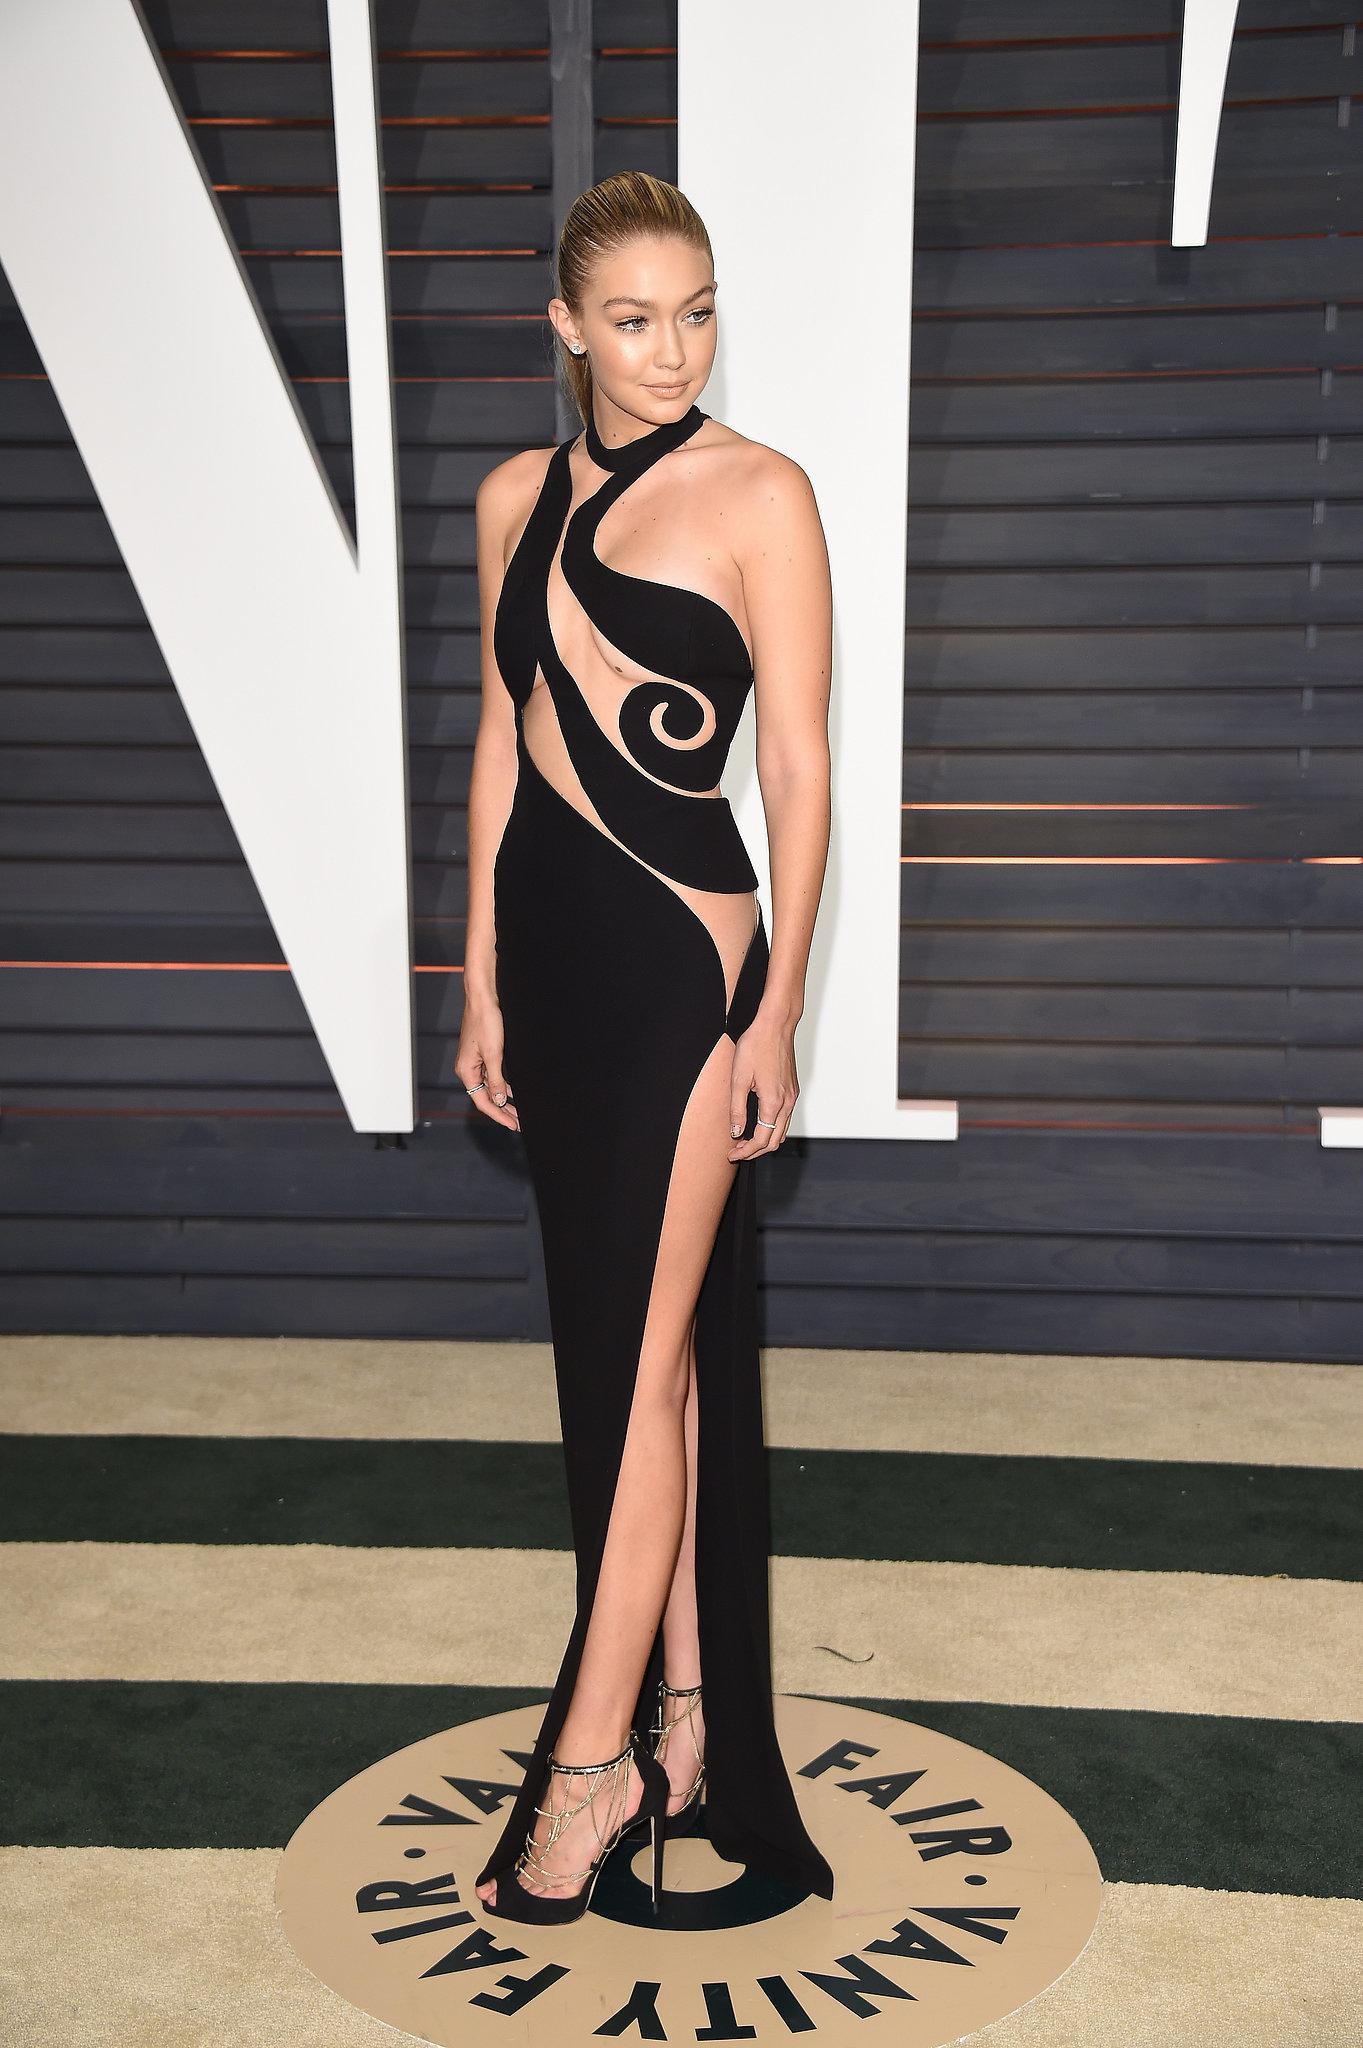 C'est chaud ! Miley Cyrus toute nue pour V Magazine Photo